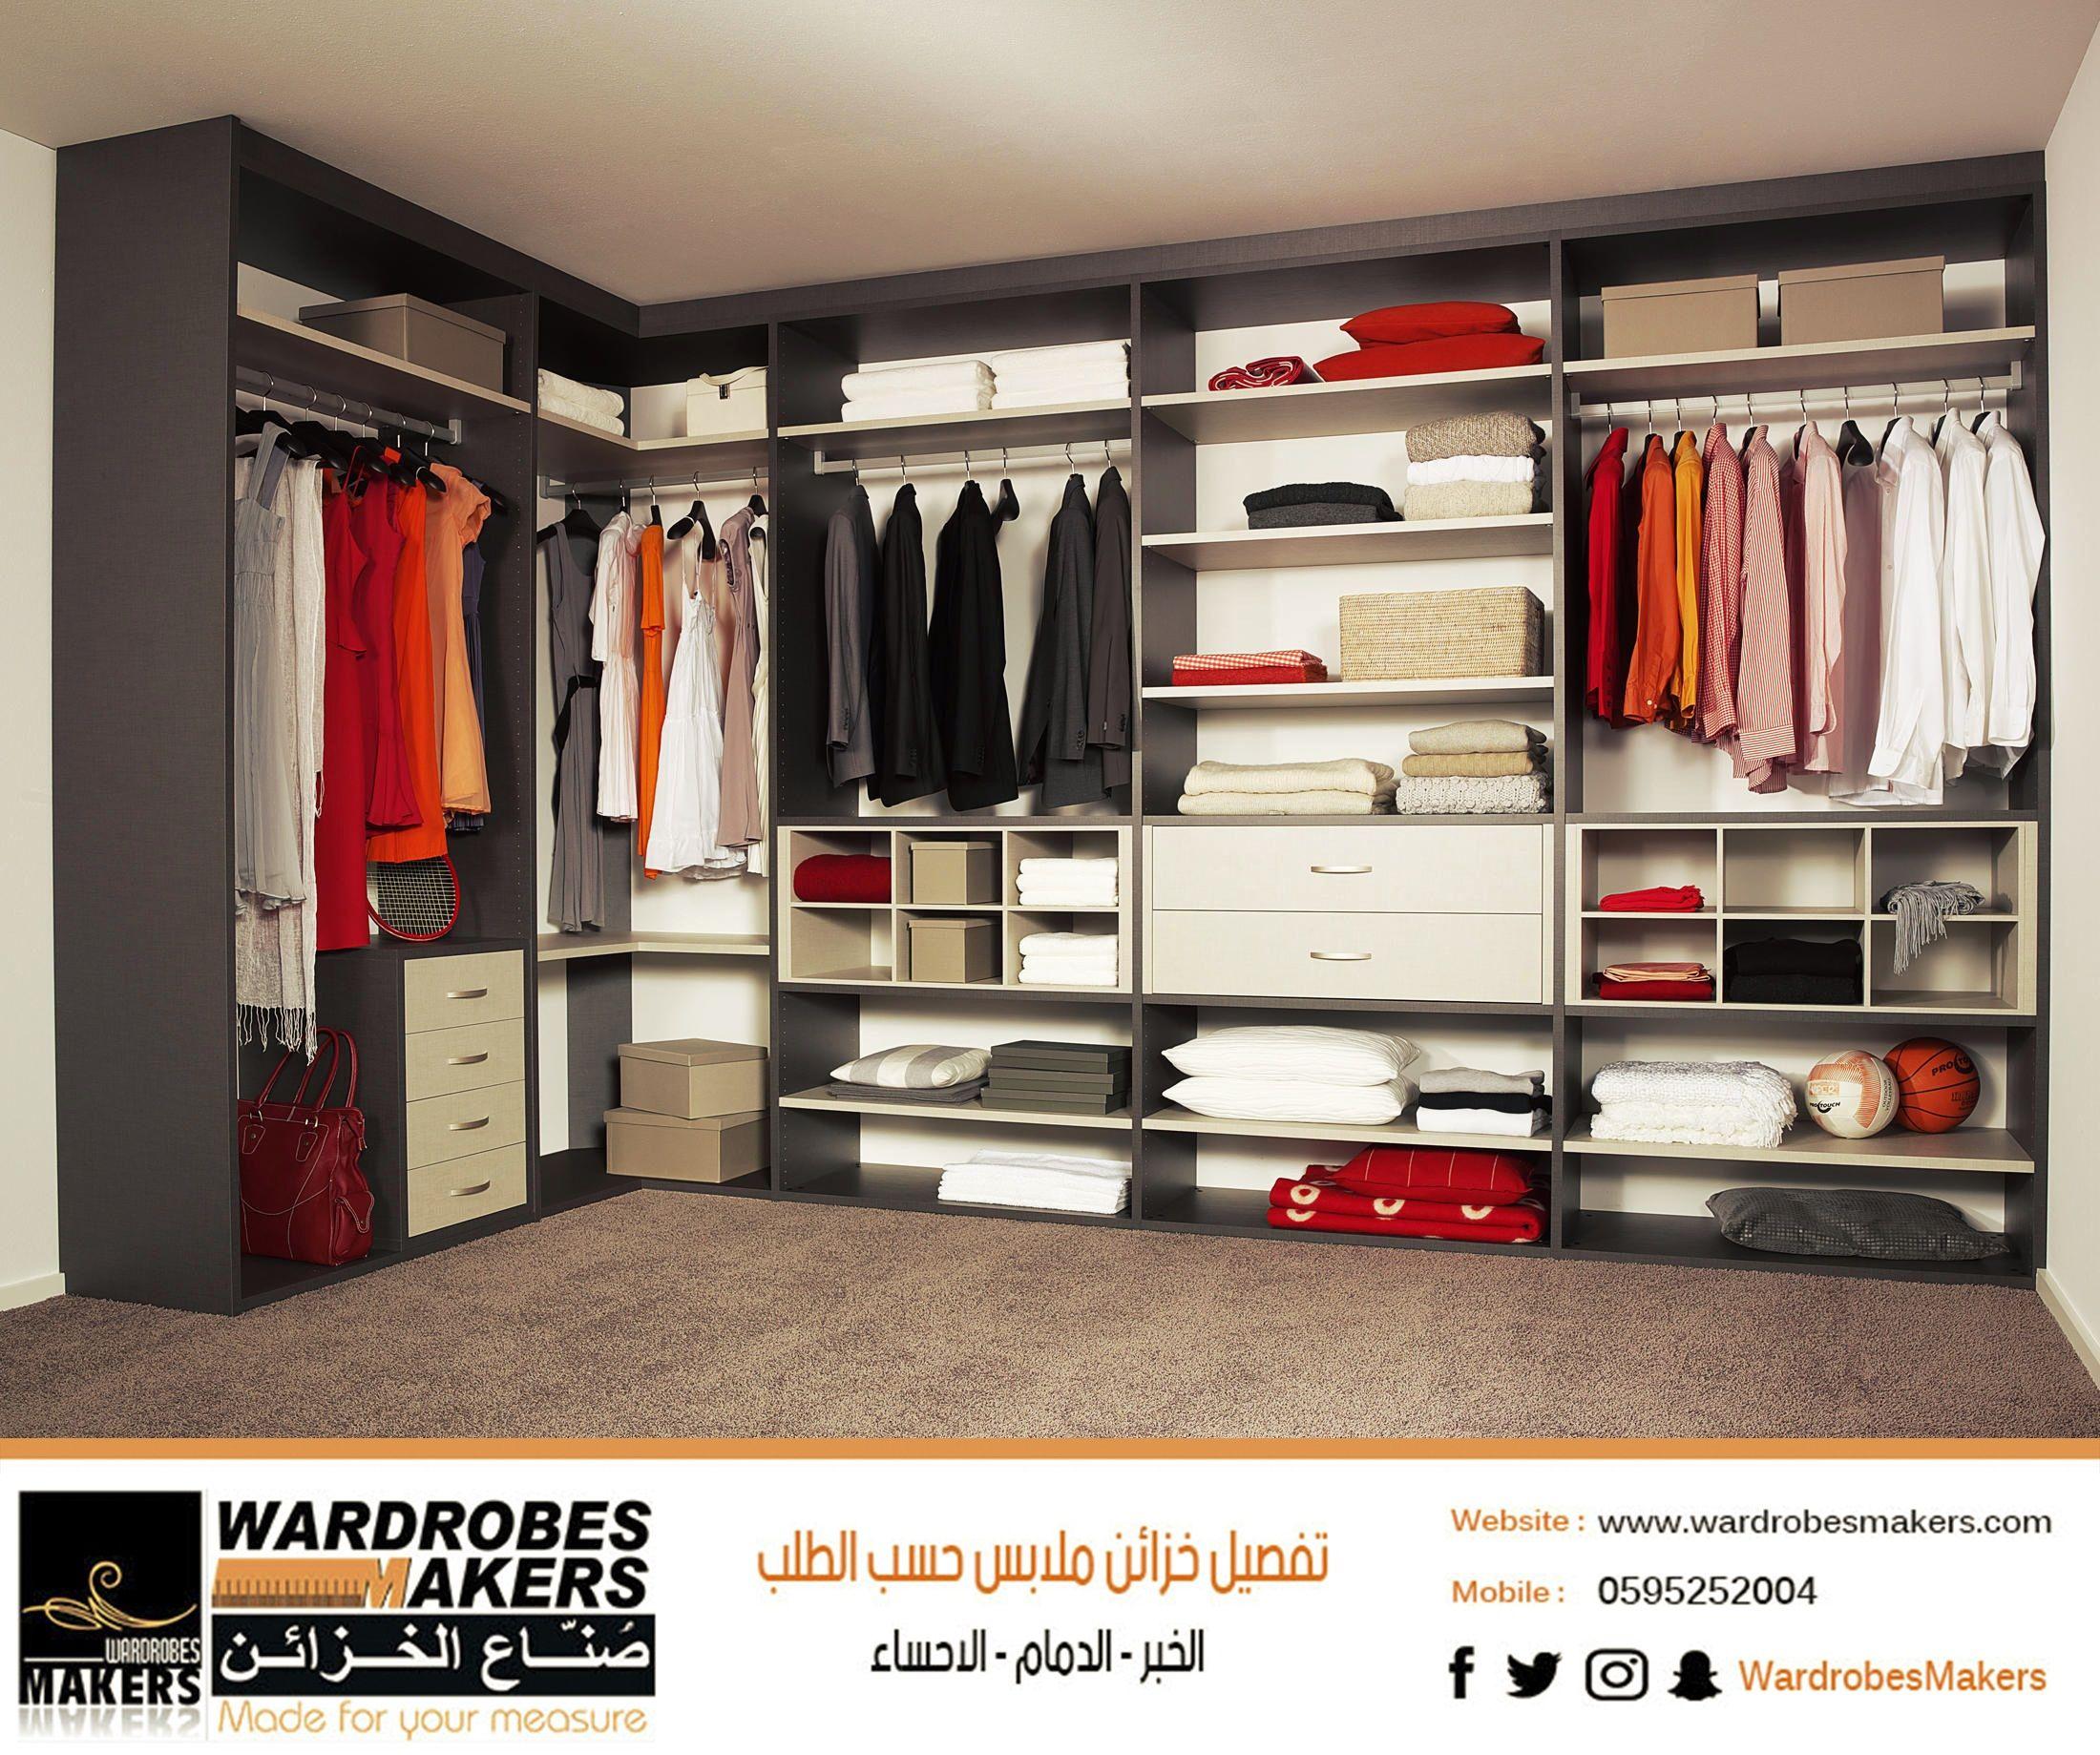 نظام خزائن الملابس نظام الخزانة سيساعدك على تحقيق الاستفادة القصوة من المساحة المتوفرة لديك العلاقات ار Closet Designs Modern Closet Storage Closet Storage